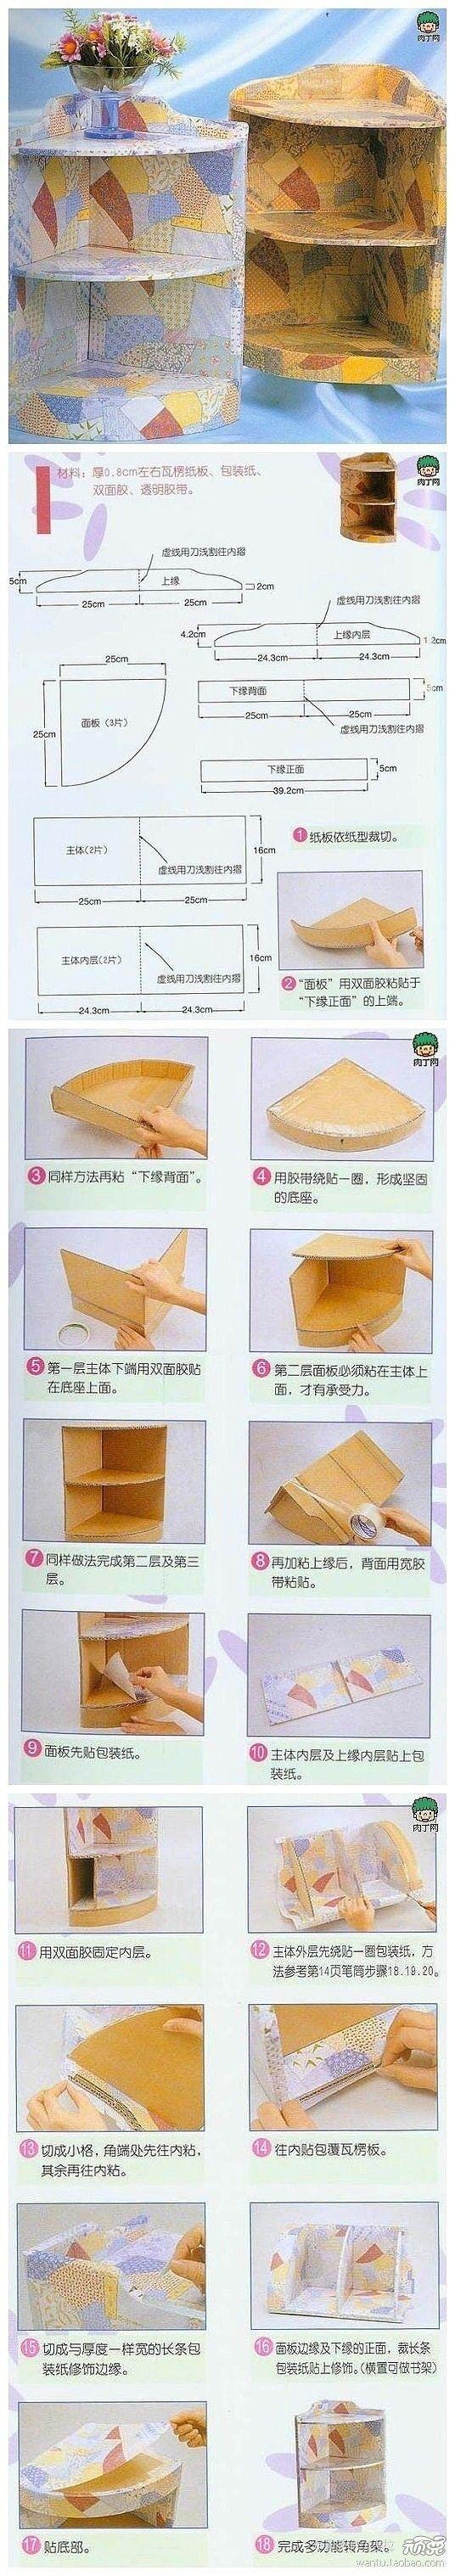 Una repisa con cartón y papel decorativo